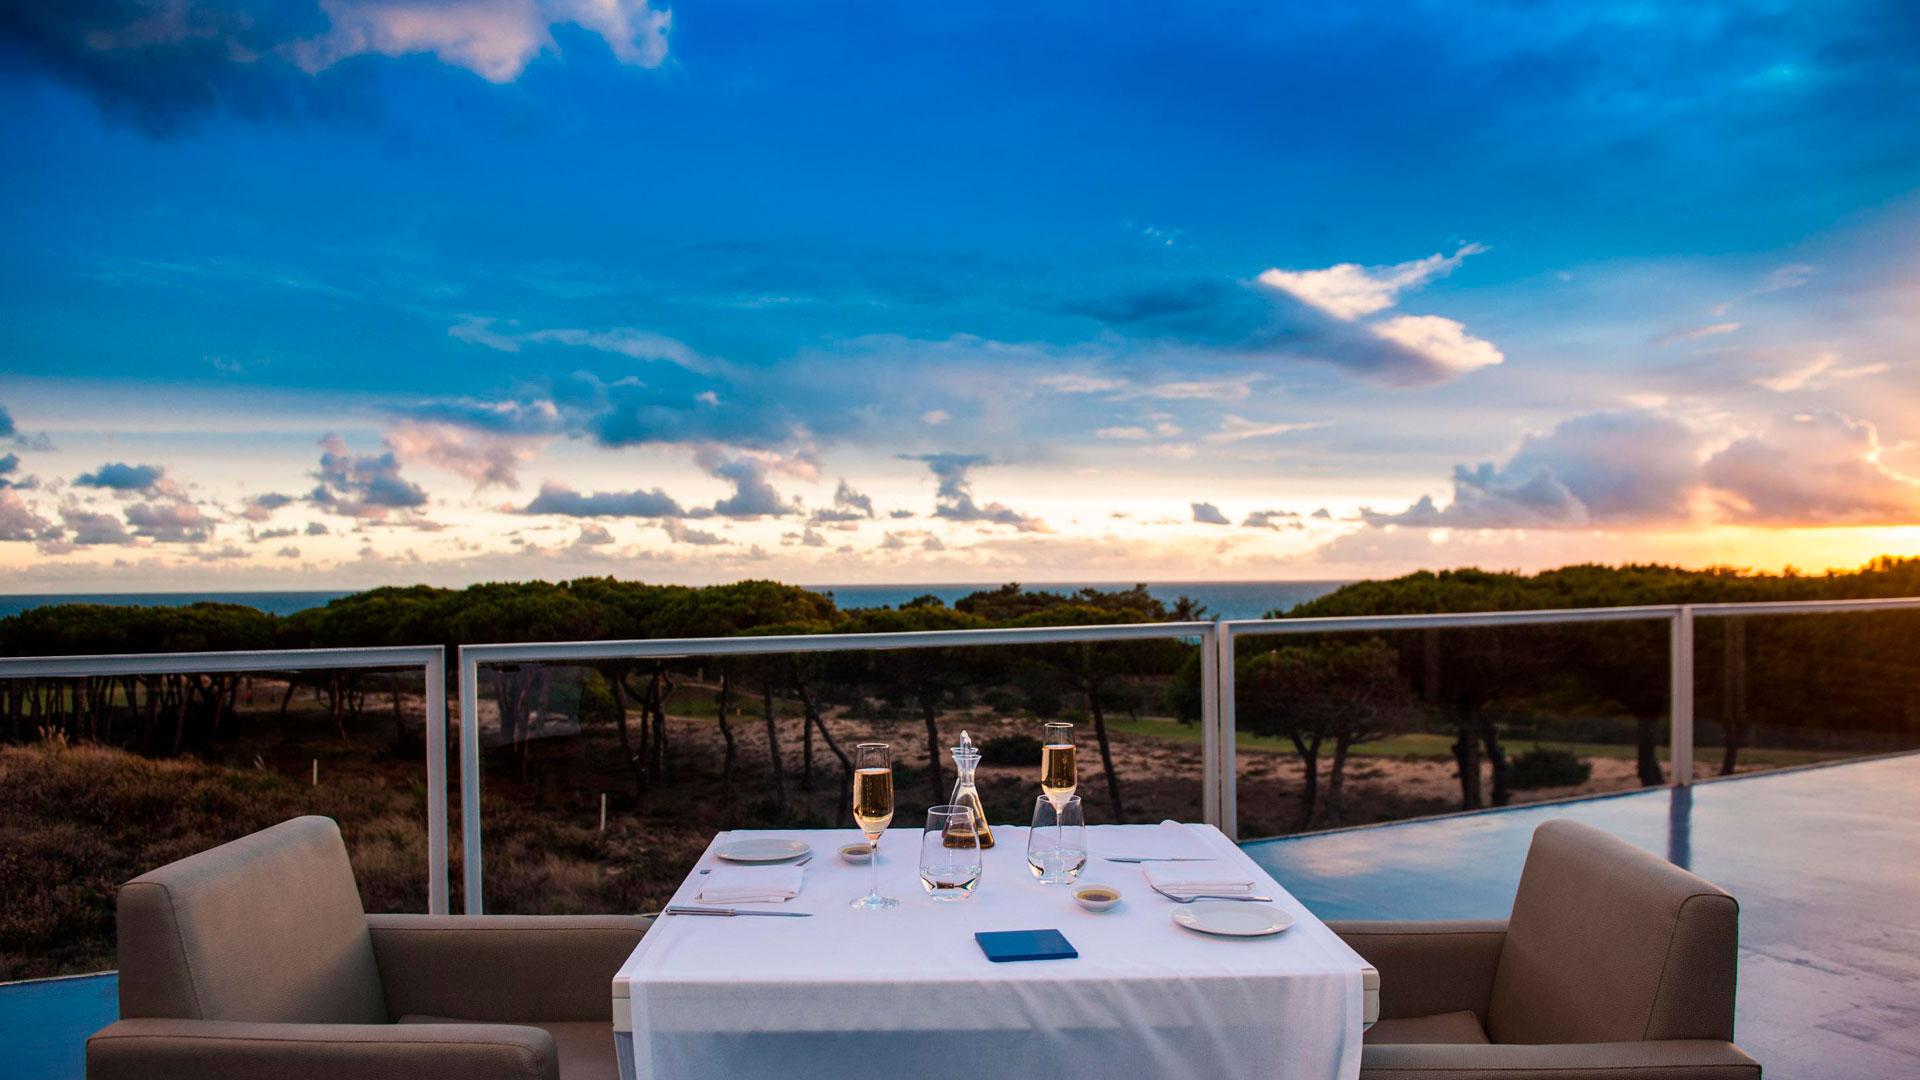 Imagen del hotel The Oitavos en Cascais